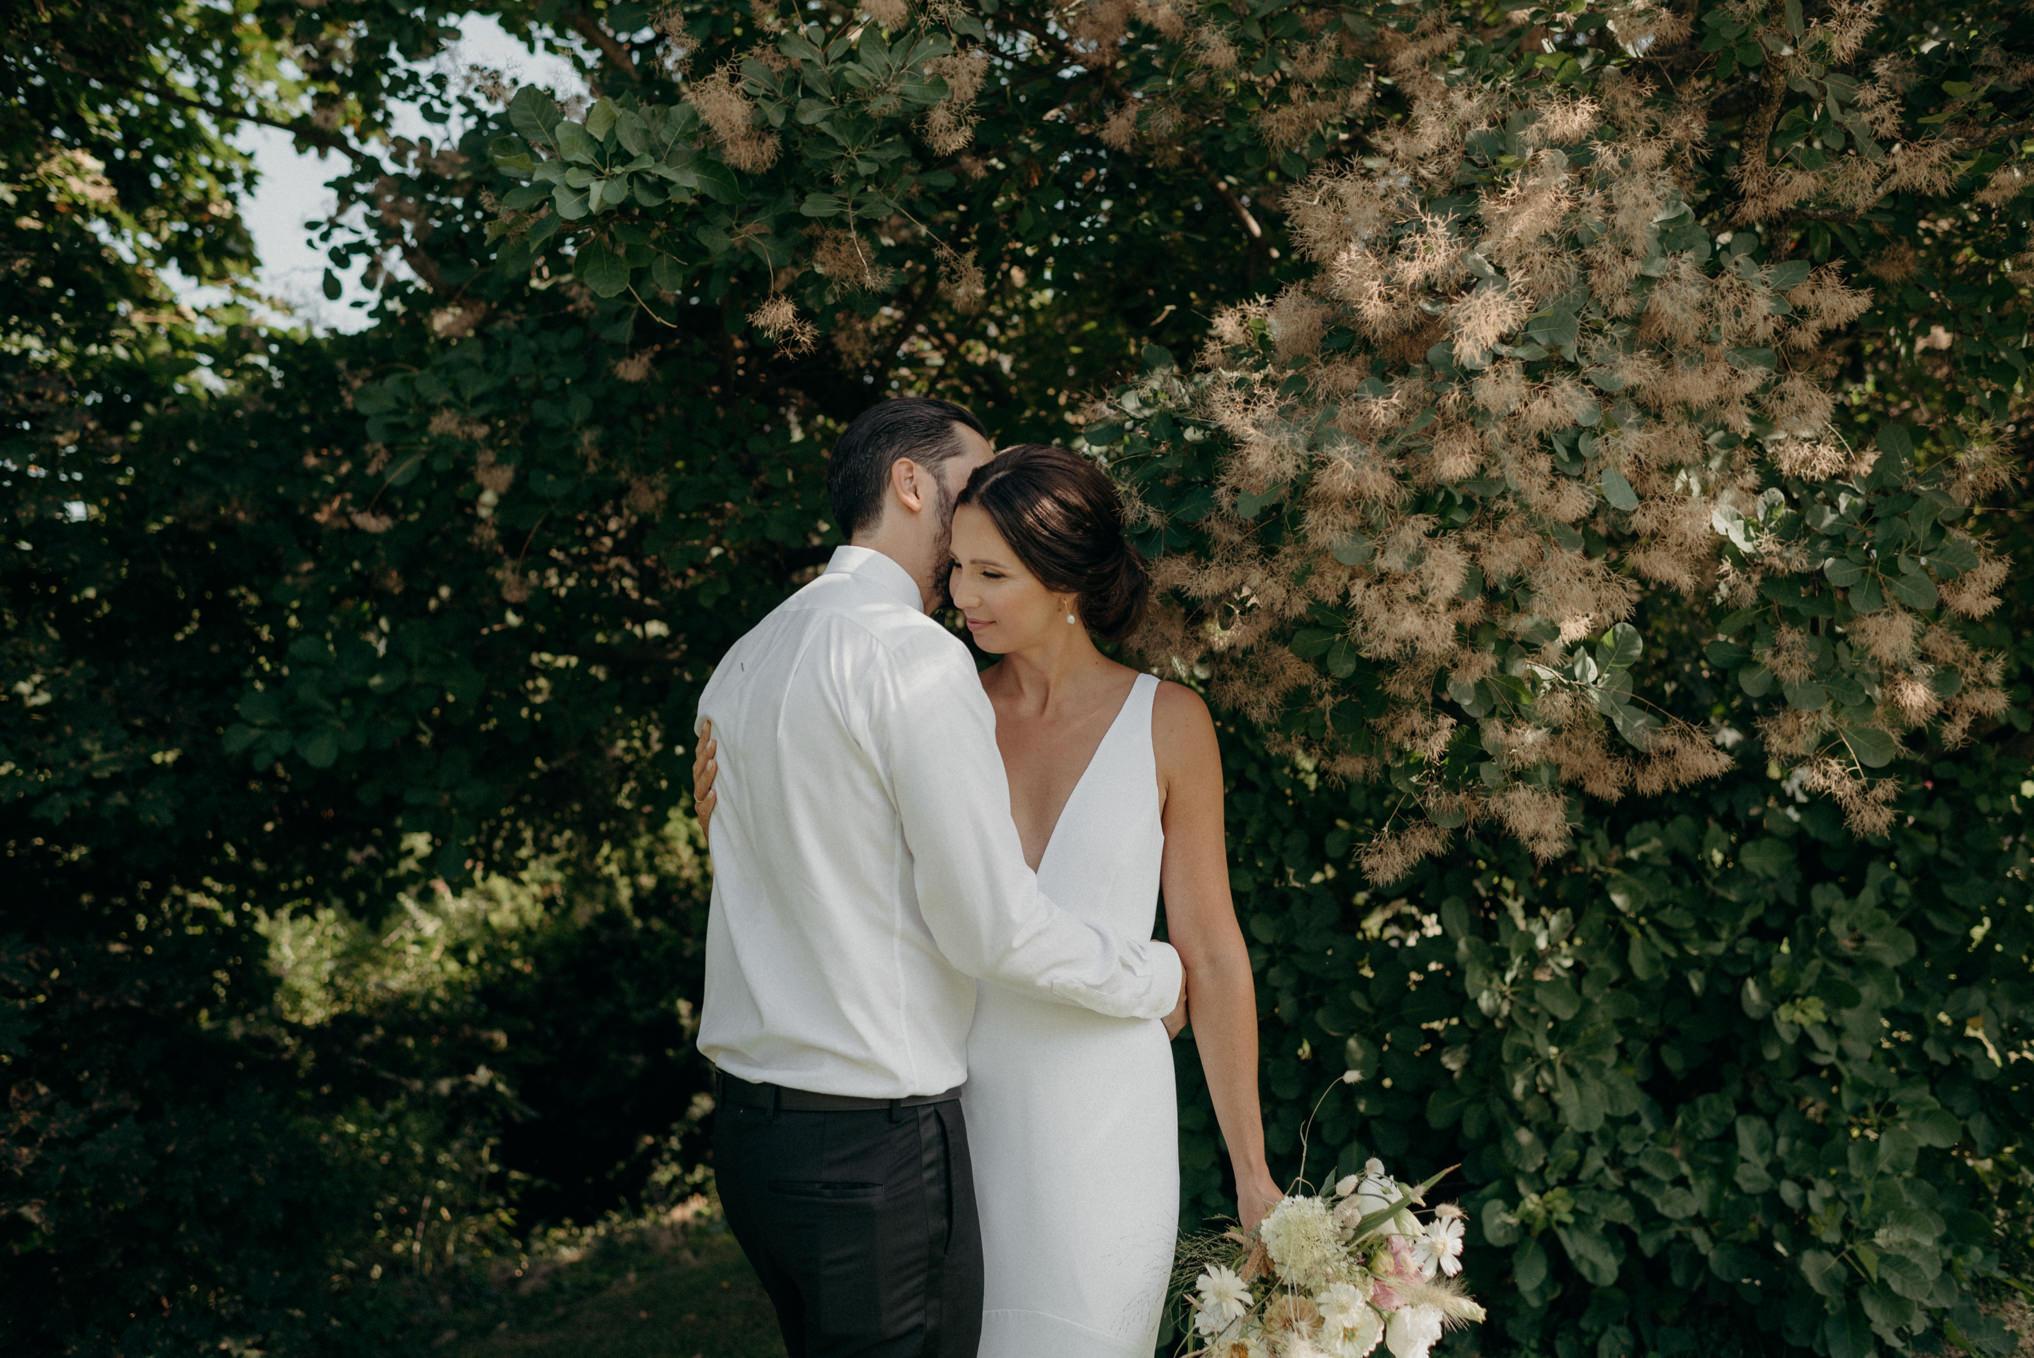 groom kissing bride under smoke bush tree